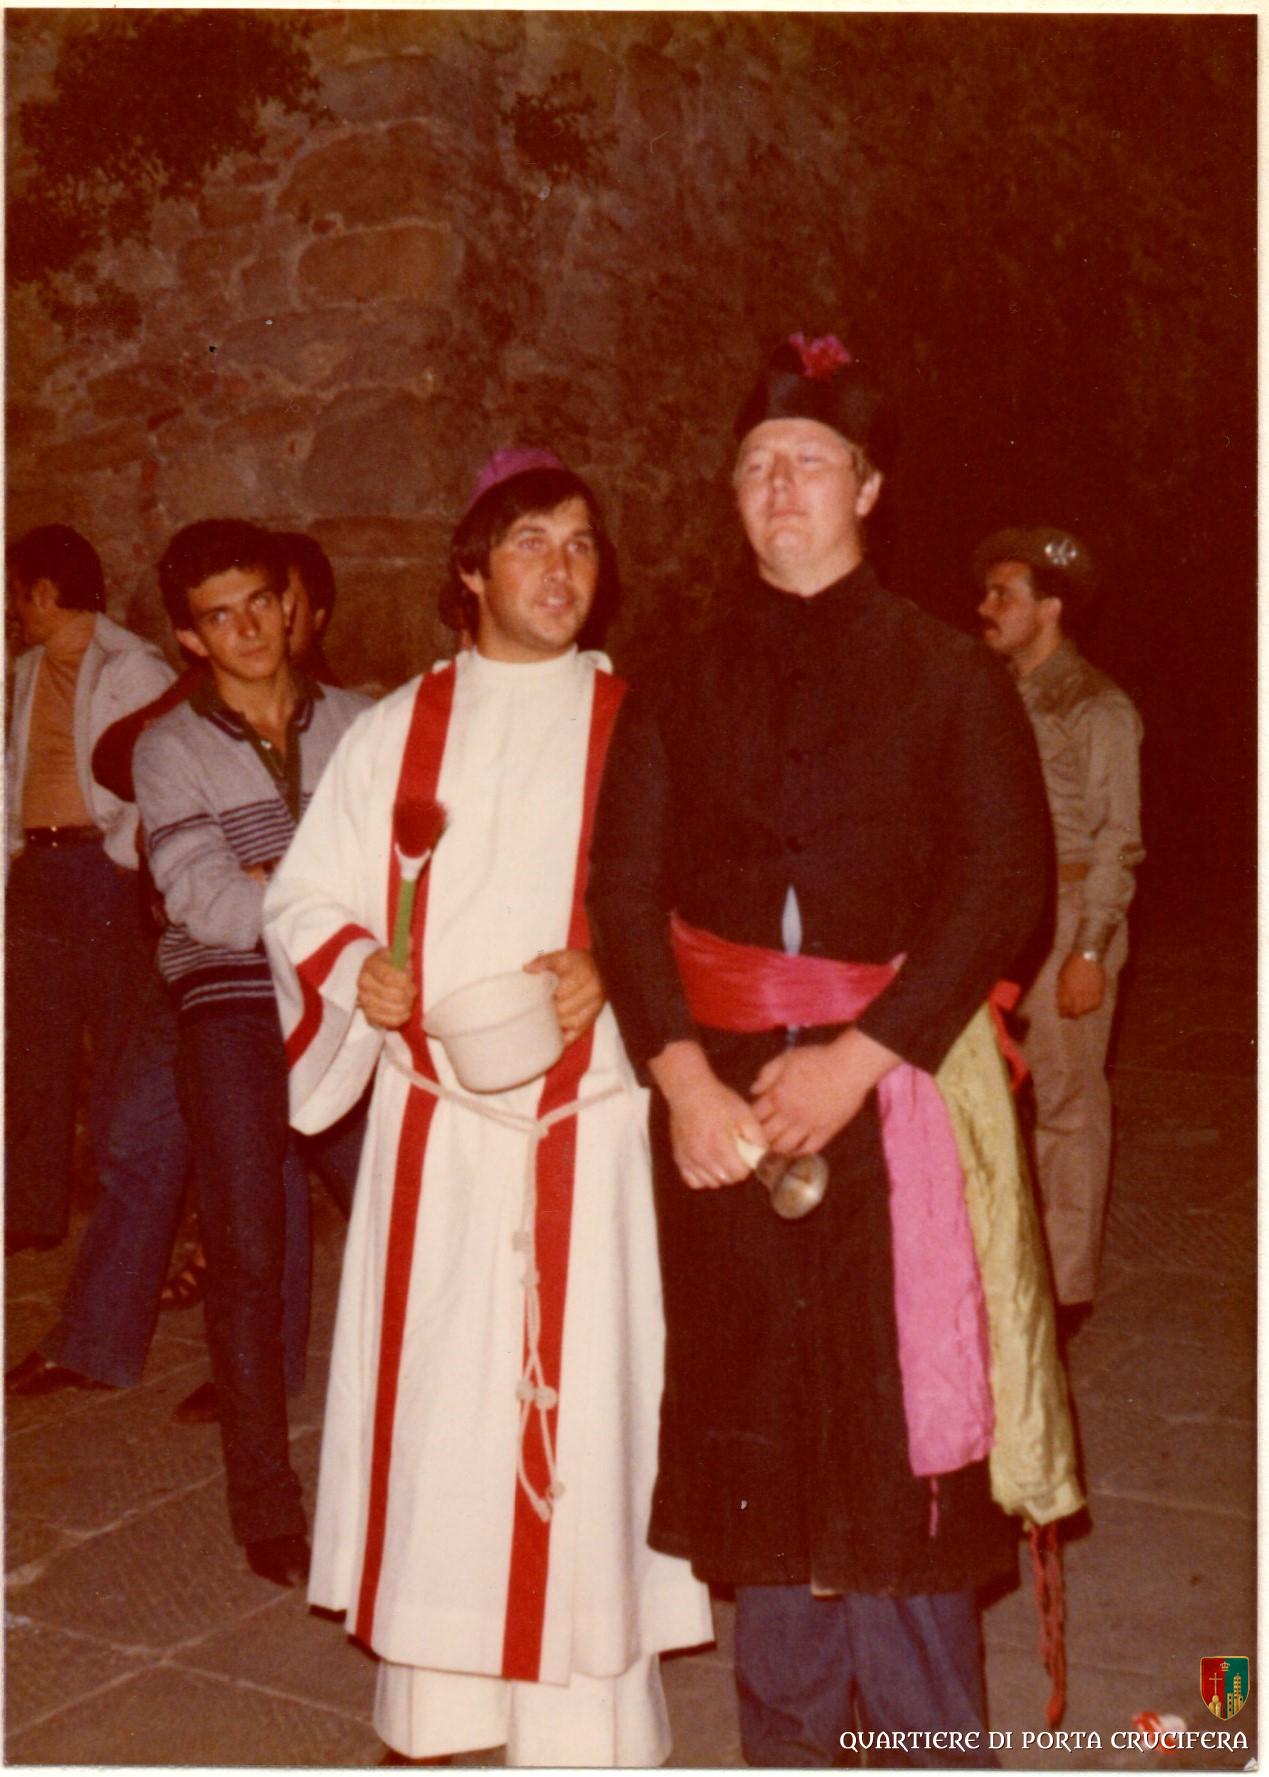 04 - 1980 - Funerale a San Spirito - Renato Brunetti e Paolo Bulletti detto Canoa